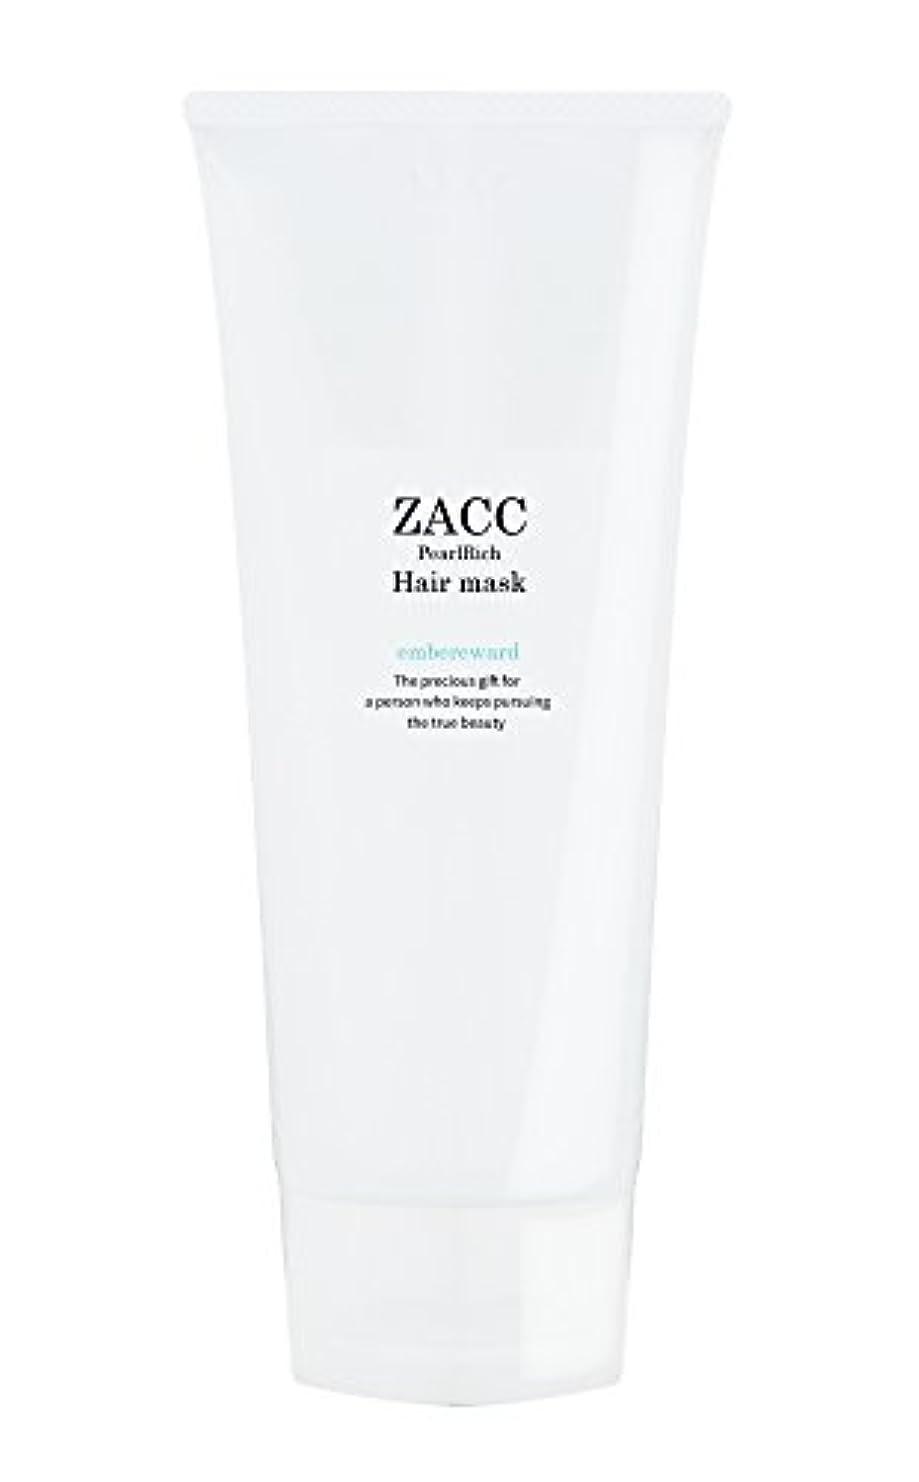 発掘するパレード繊毛ZACC ヘアマスク 200g